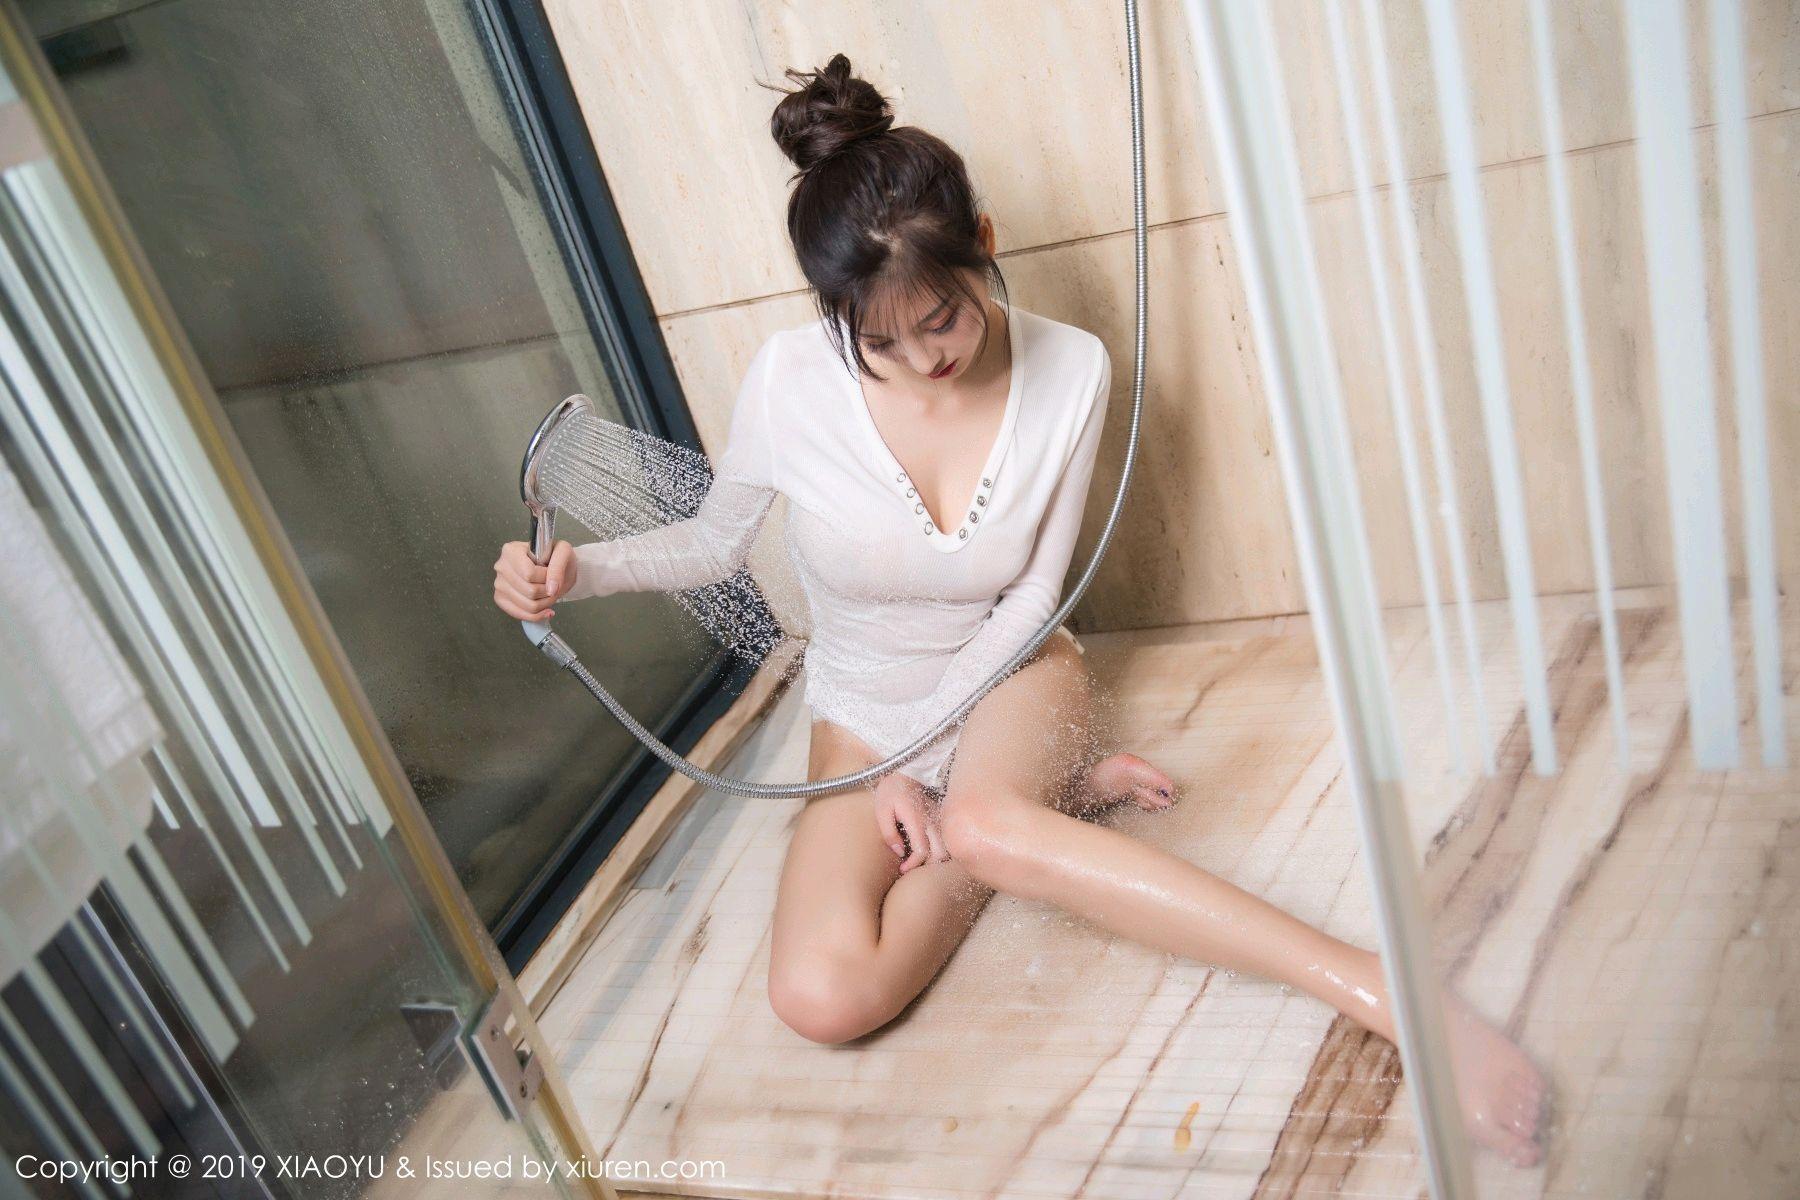 [XiaoYu] Vol.025 Yang Chen Chen 34P, Bathroom, Wet, XiaoYu, Yang Chen Chen